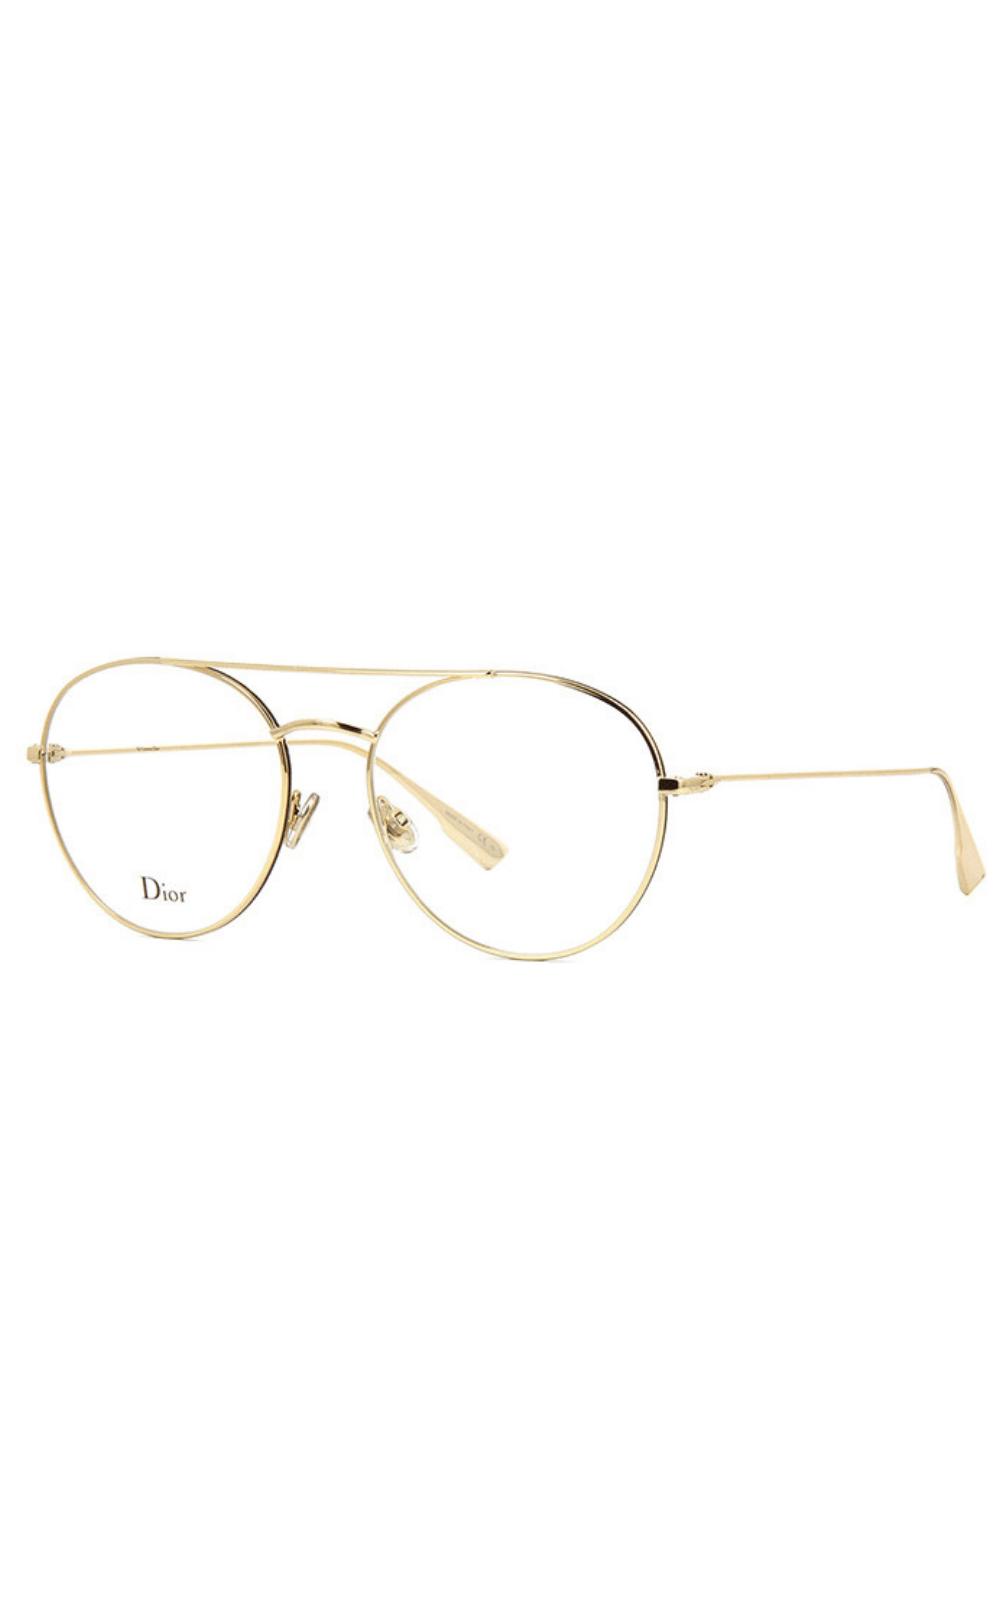 Óculos de Grau Dior Stellaire O5 RHL. undefined 15a9ec30e2